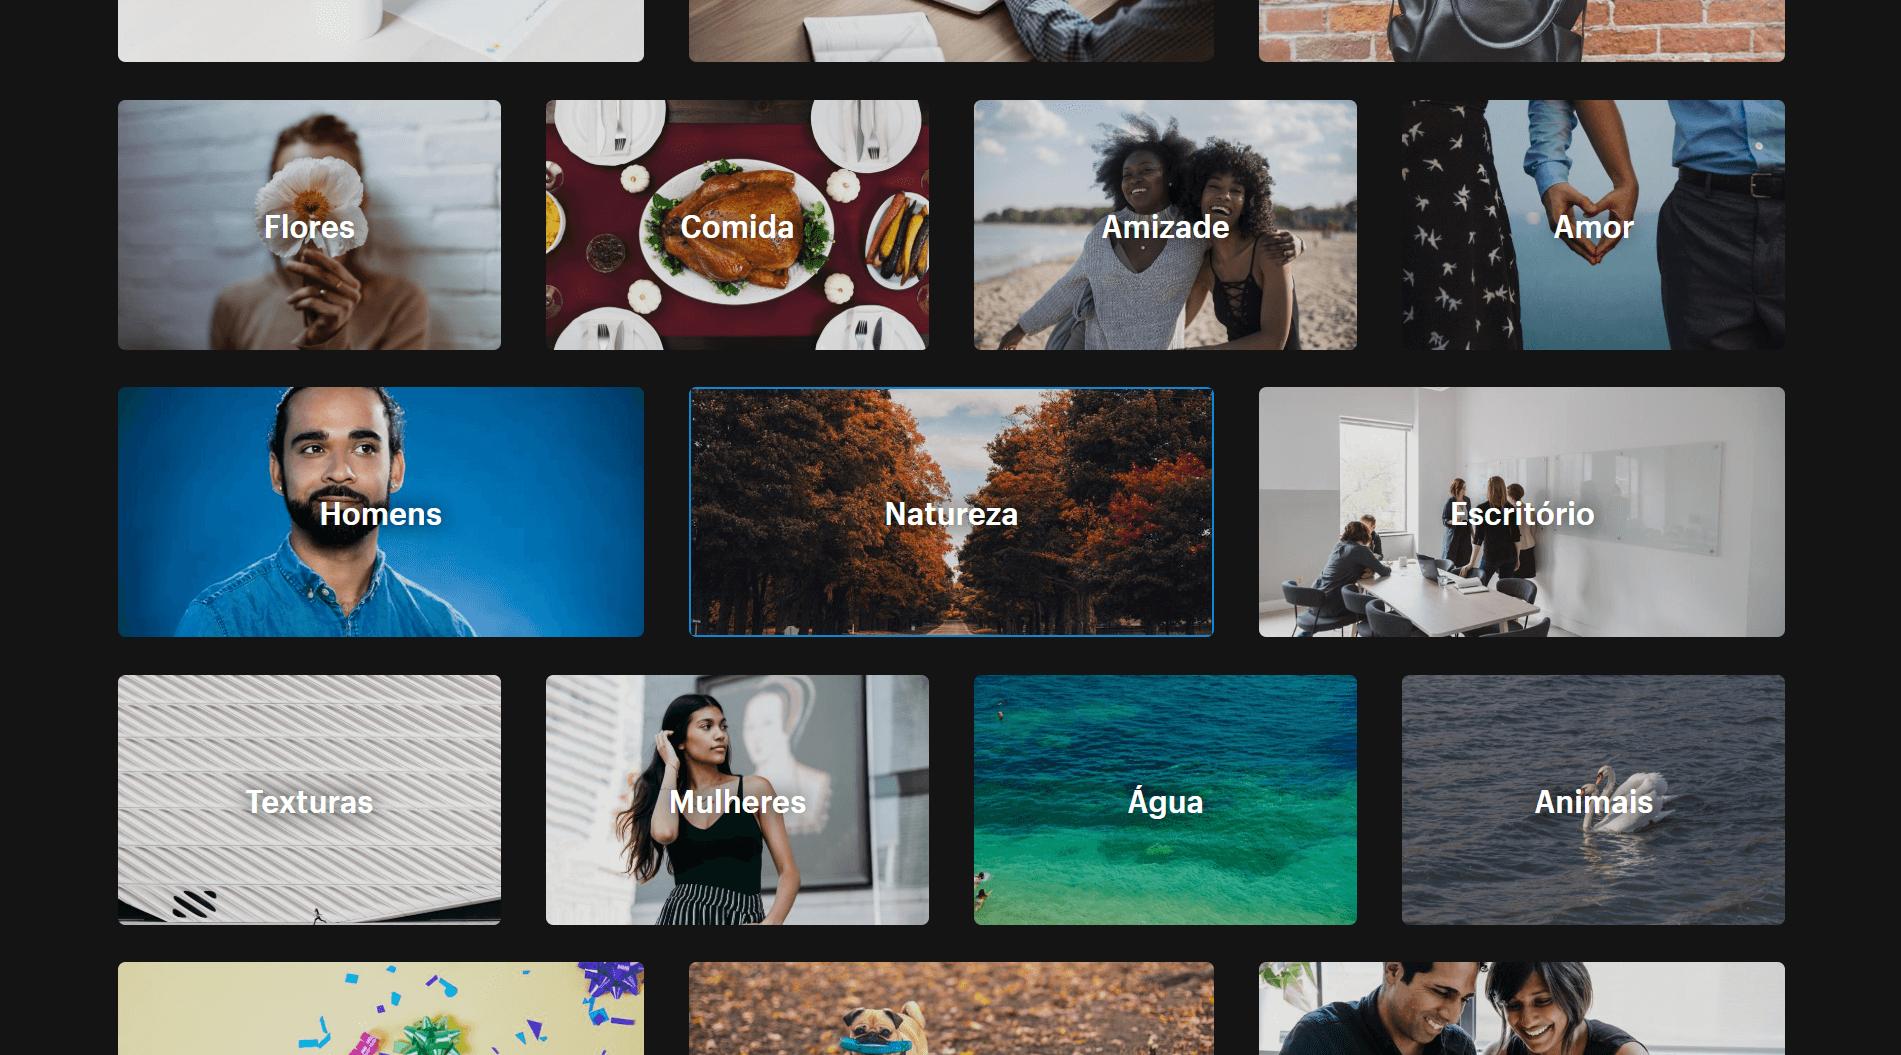 Conheça Burst, o banco de imagens gratuitas da Shopify que é totalmente localizado em português 6